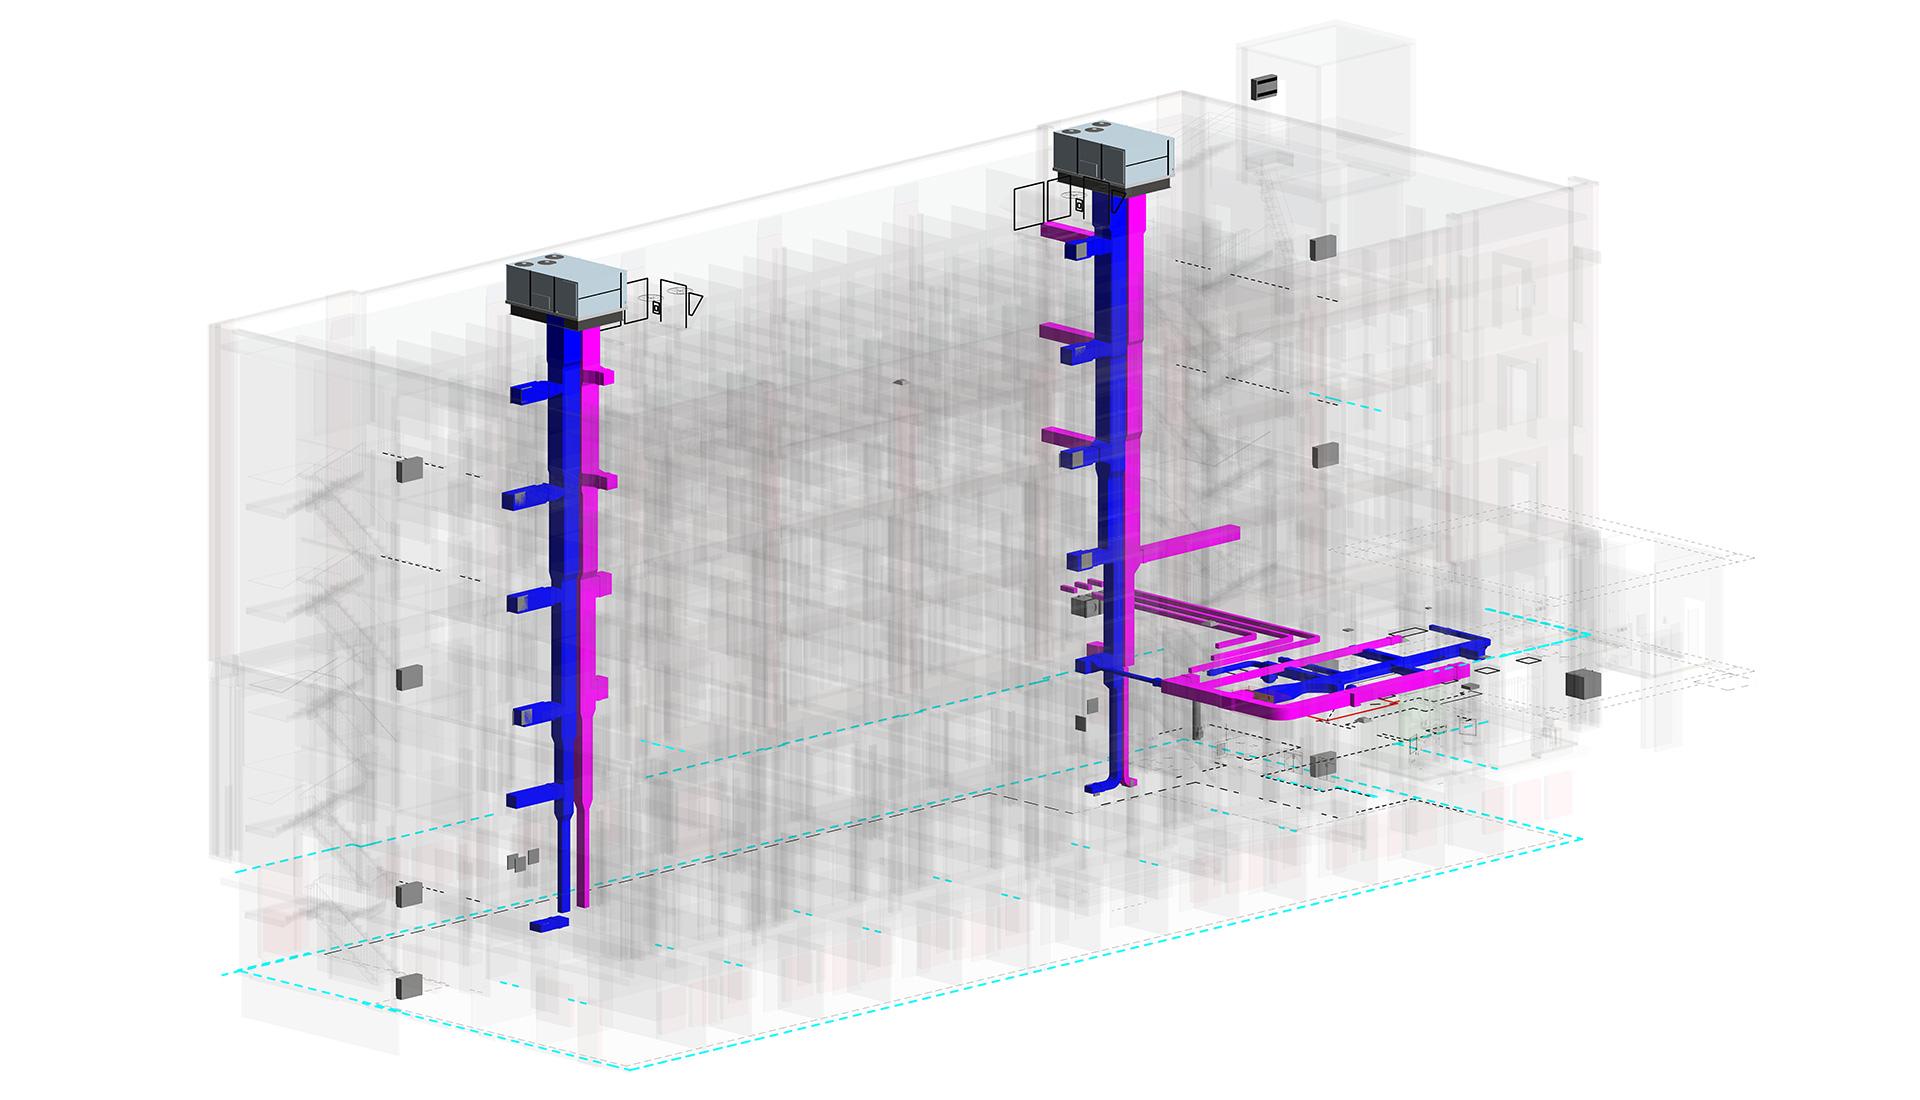 3D-HVAC-BIM-Model-Commercial--Revit-Modeling-by-United-BIM